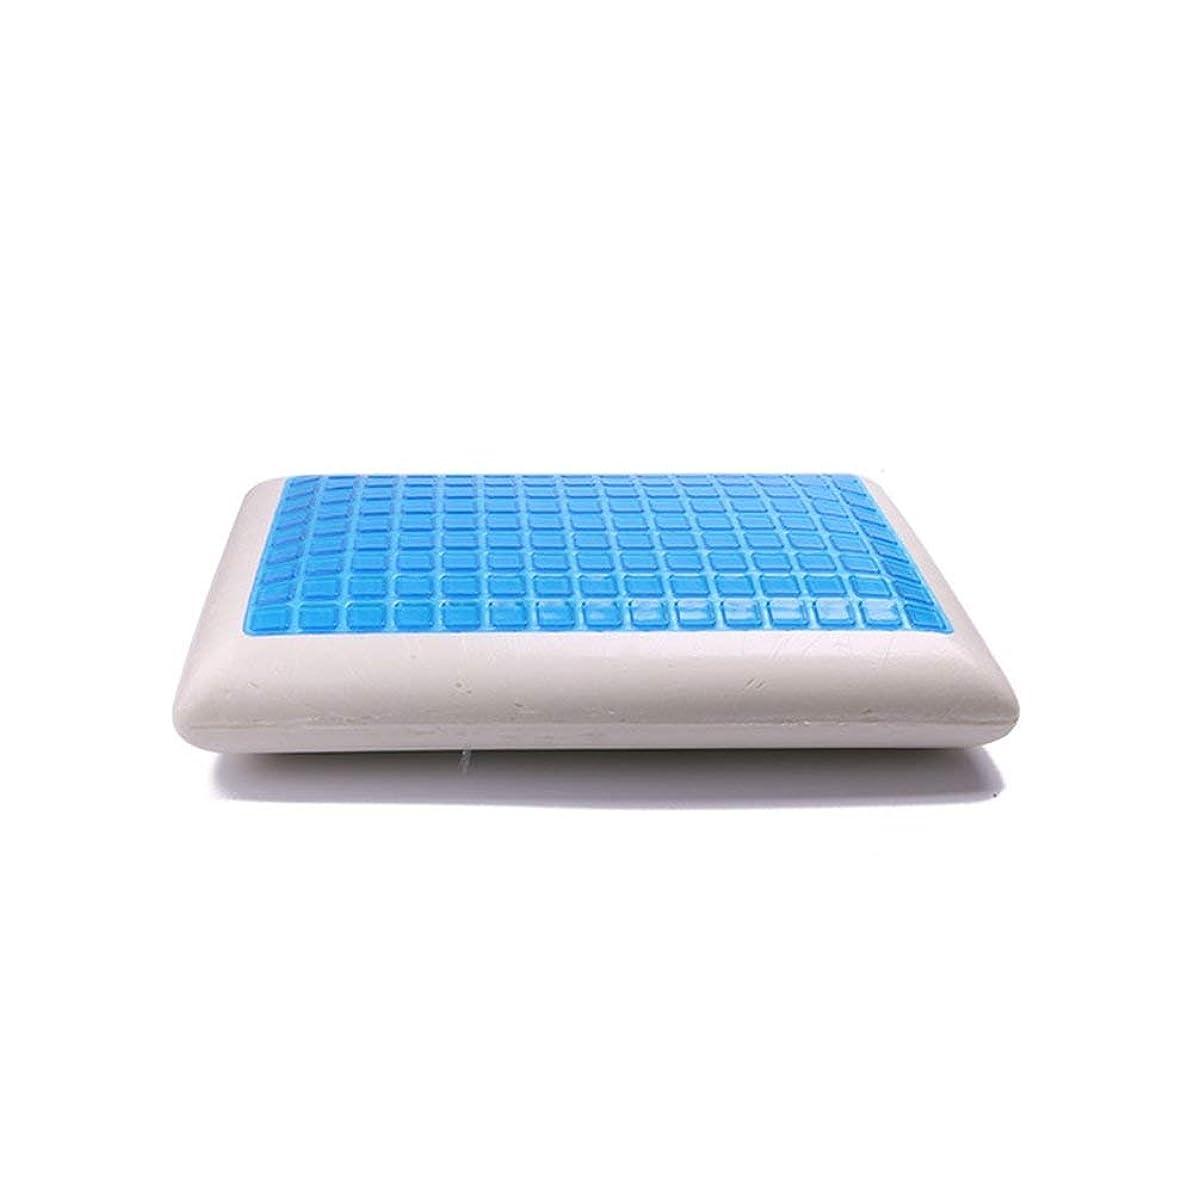 超えるワーカーいらいらさせる人間工学に基づいたデザインSlow Rebound Summerクールジェル寝具枕通気性低反発マッサージ首の痛みを軽減する枕 - ホワイト&ブルー